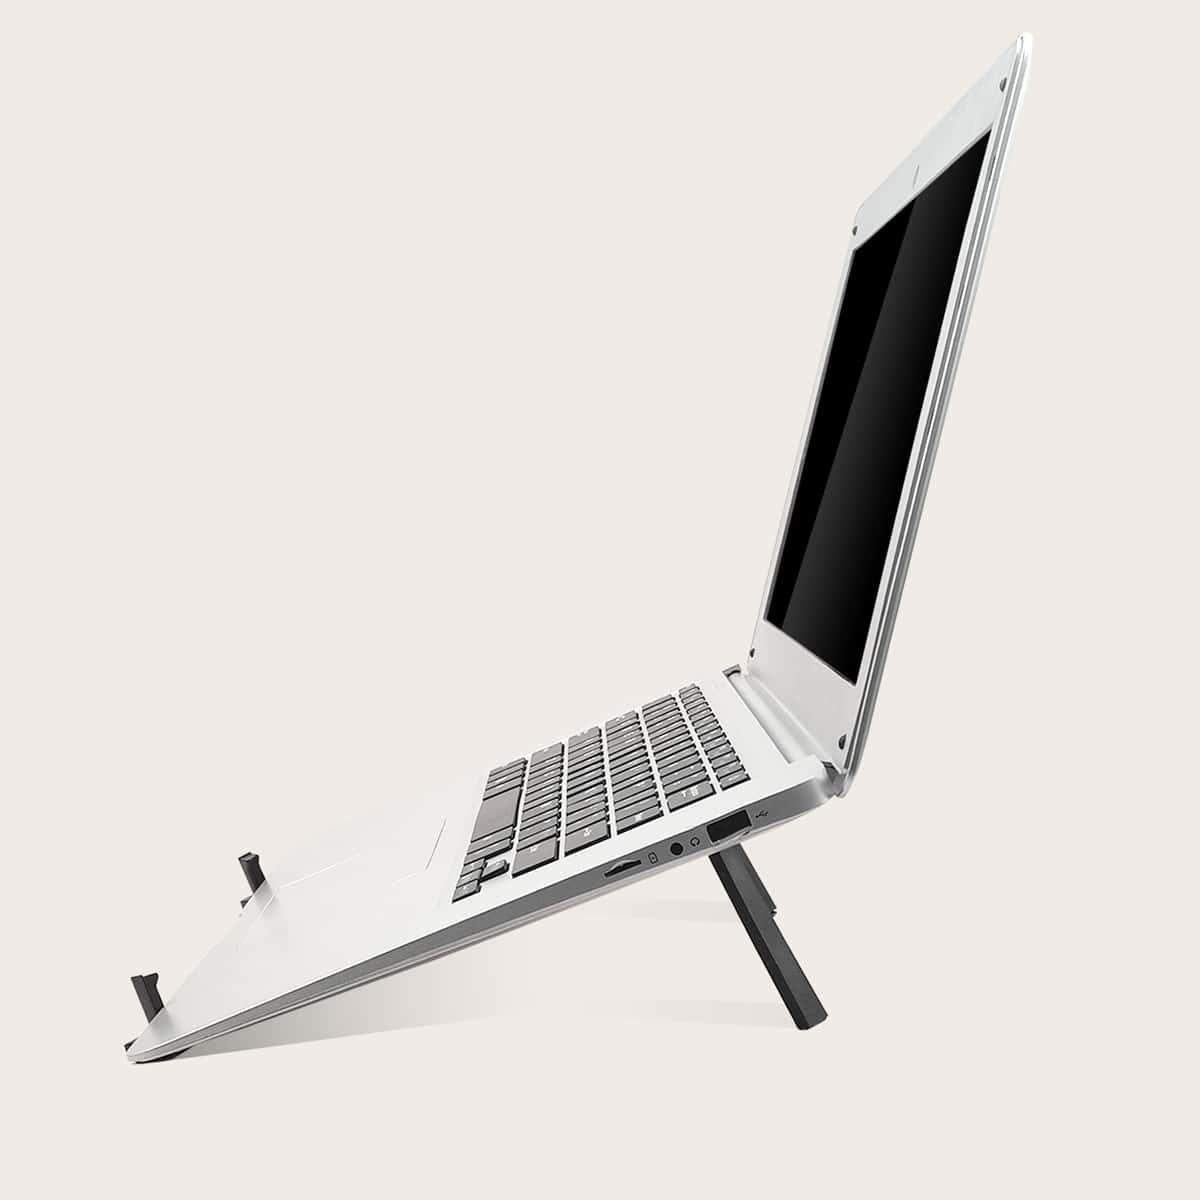 Складная подставка для ноутбука